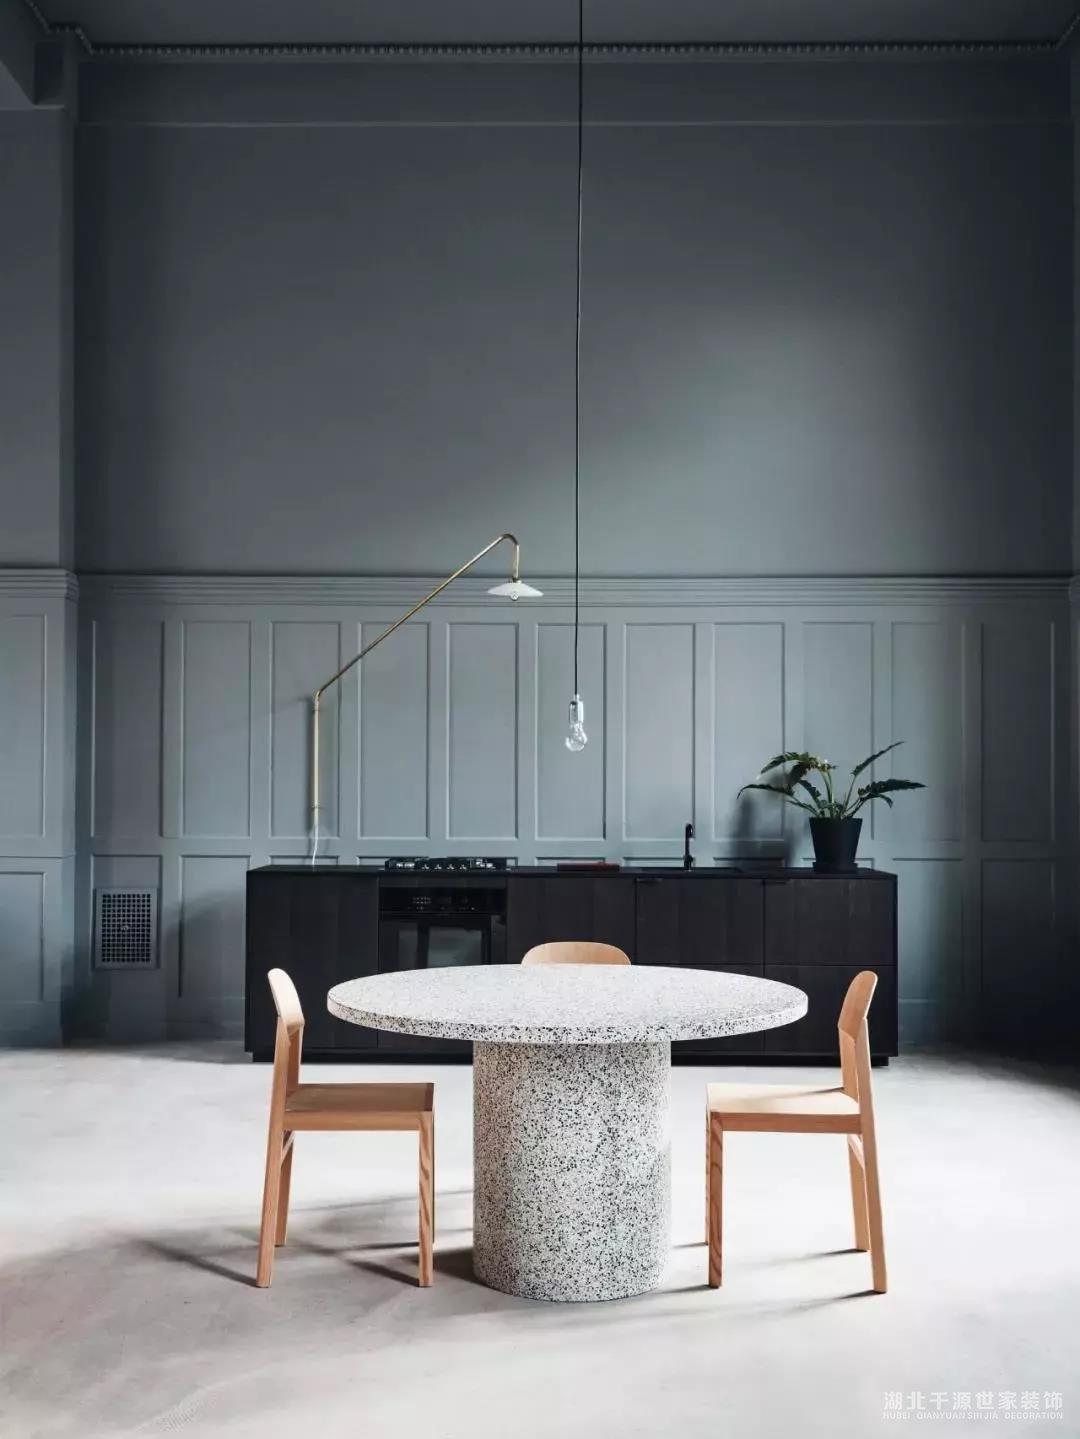 室内灯光设计 案例分析,灯具这样搭,简洁美观【宜昌装修】